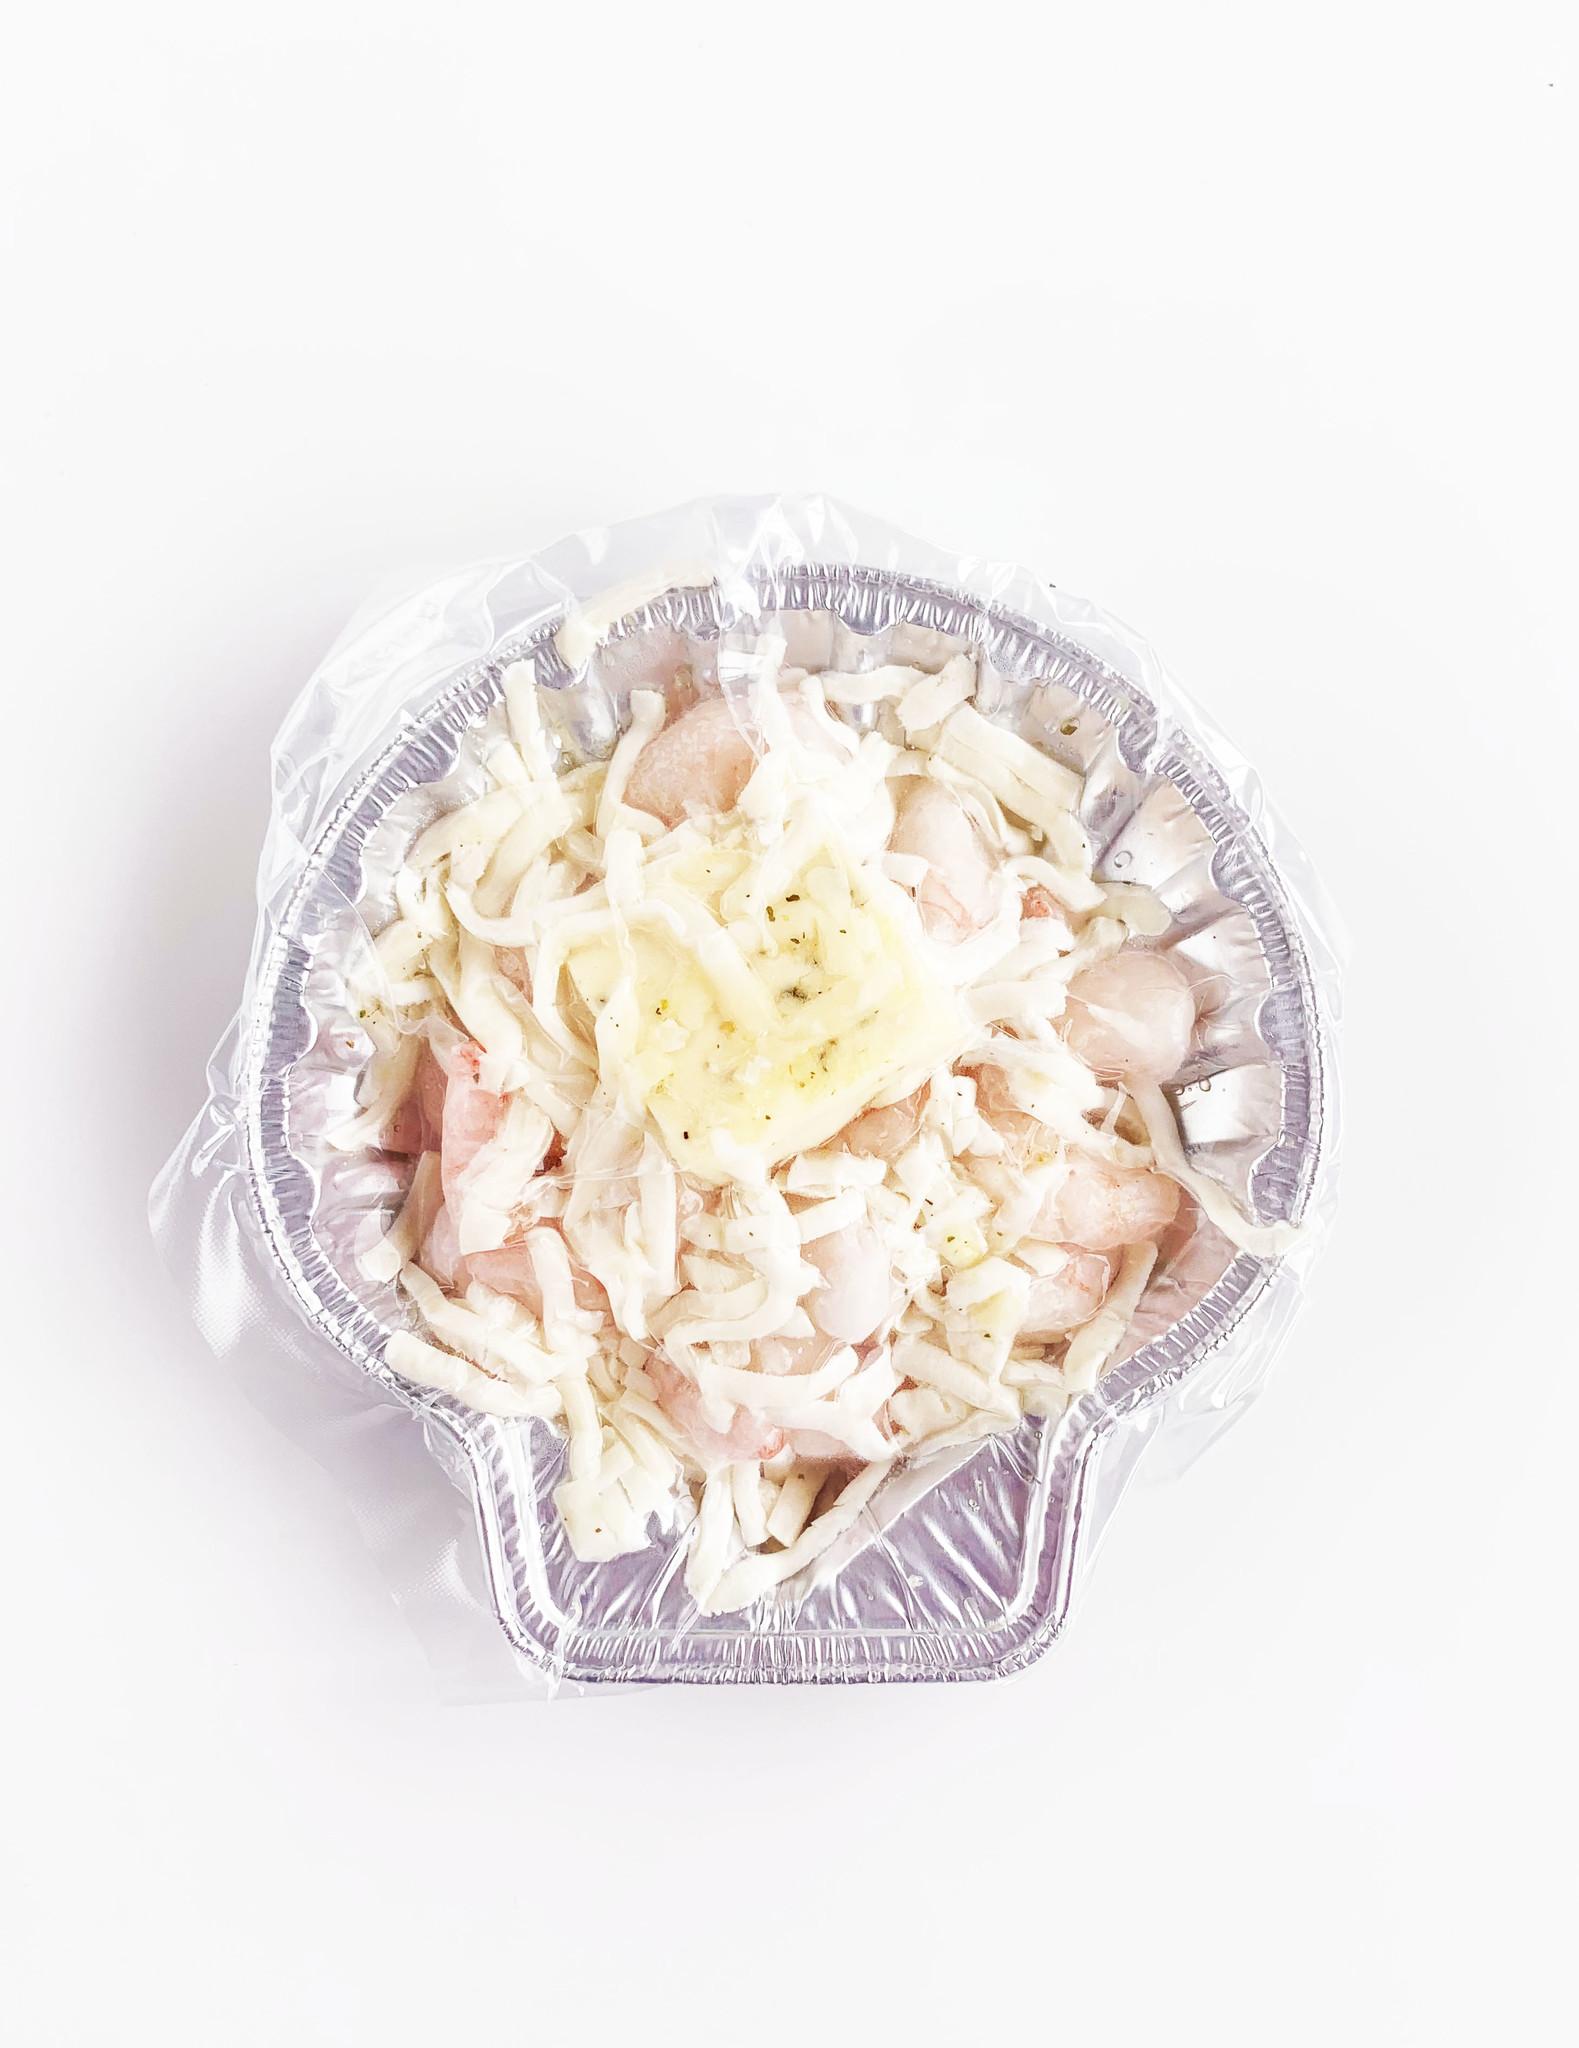 Crevettes à l'ail gratinées (CIRCULAIRE MAI, prix rég: 8.00)